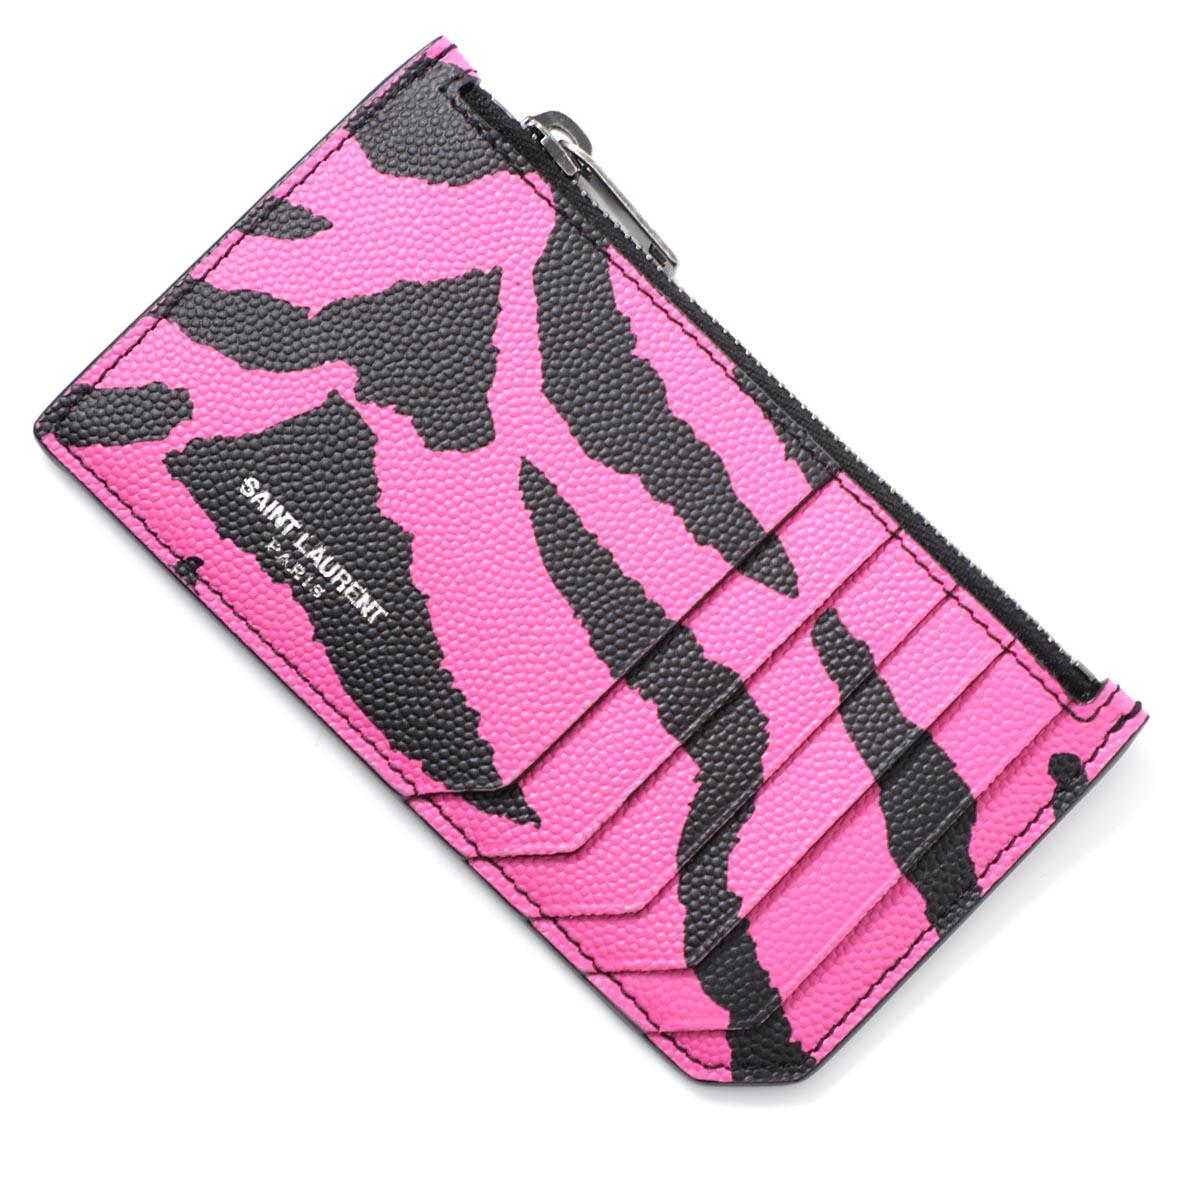 サンローランパリ SAINT LAURENT PARIS カードケース ピンク メンズ カード ギフト プレゼント 458589 1fh3d 5563 FRAGMENT フラグメント【あす楽対応_関東】【返品送料無料】【ラッピング無料】